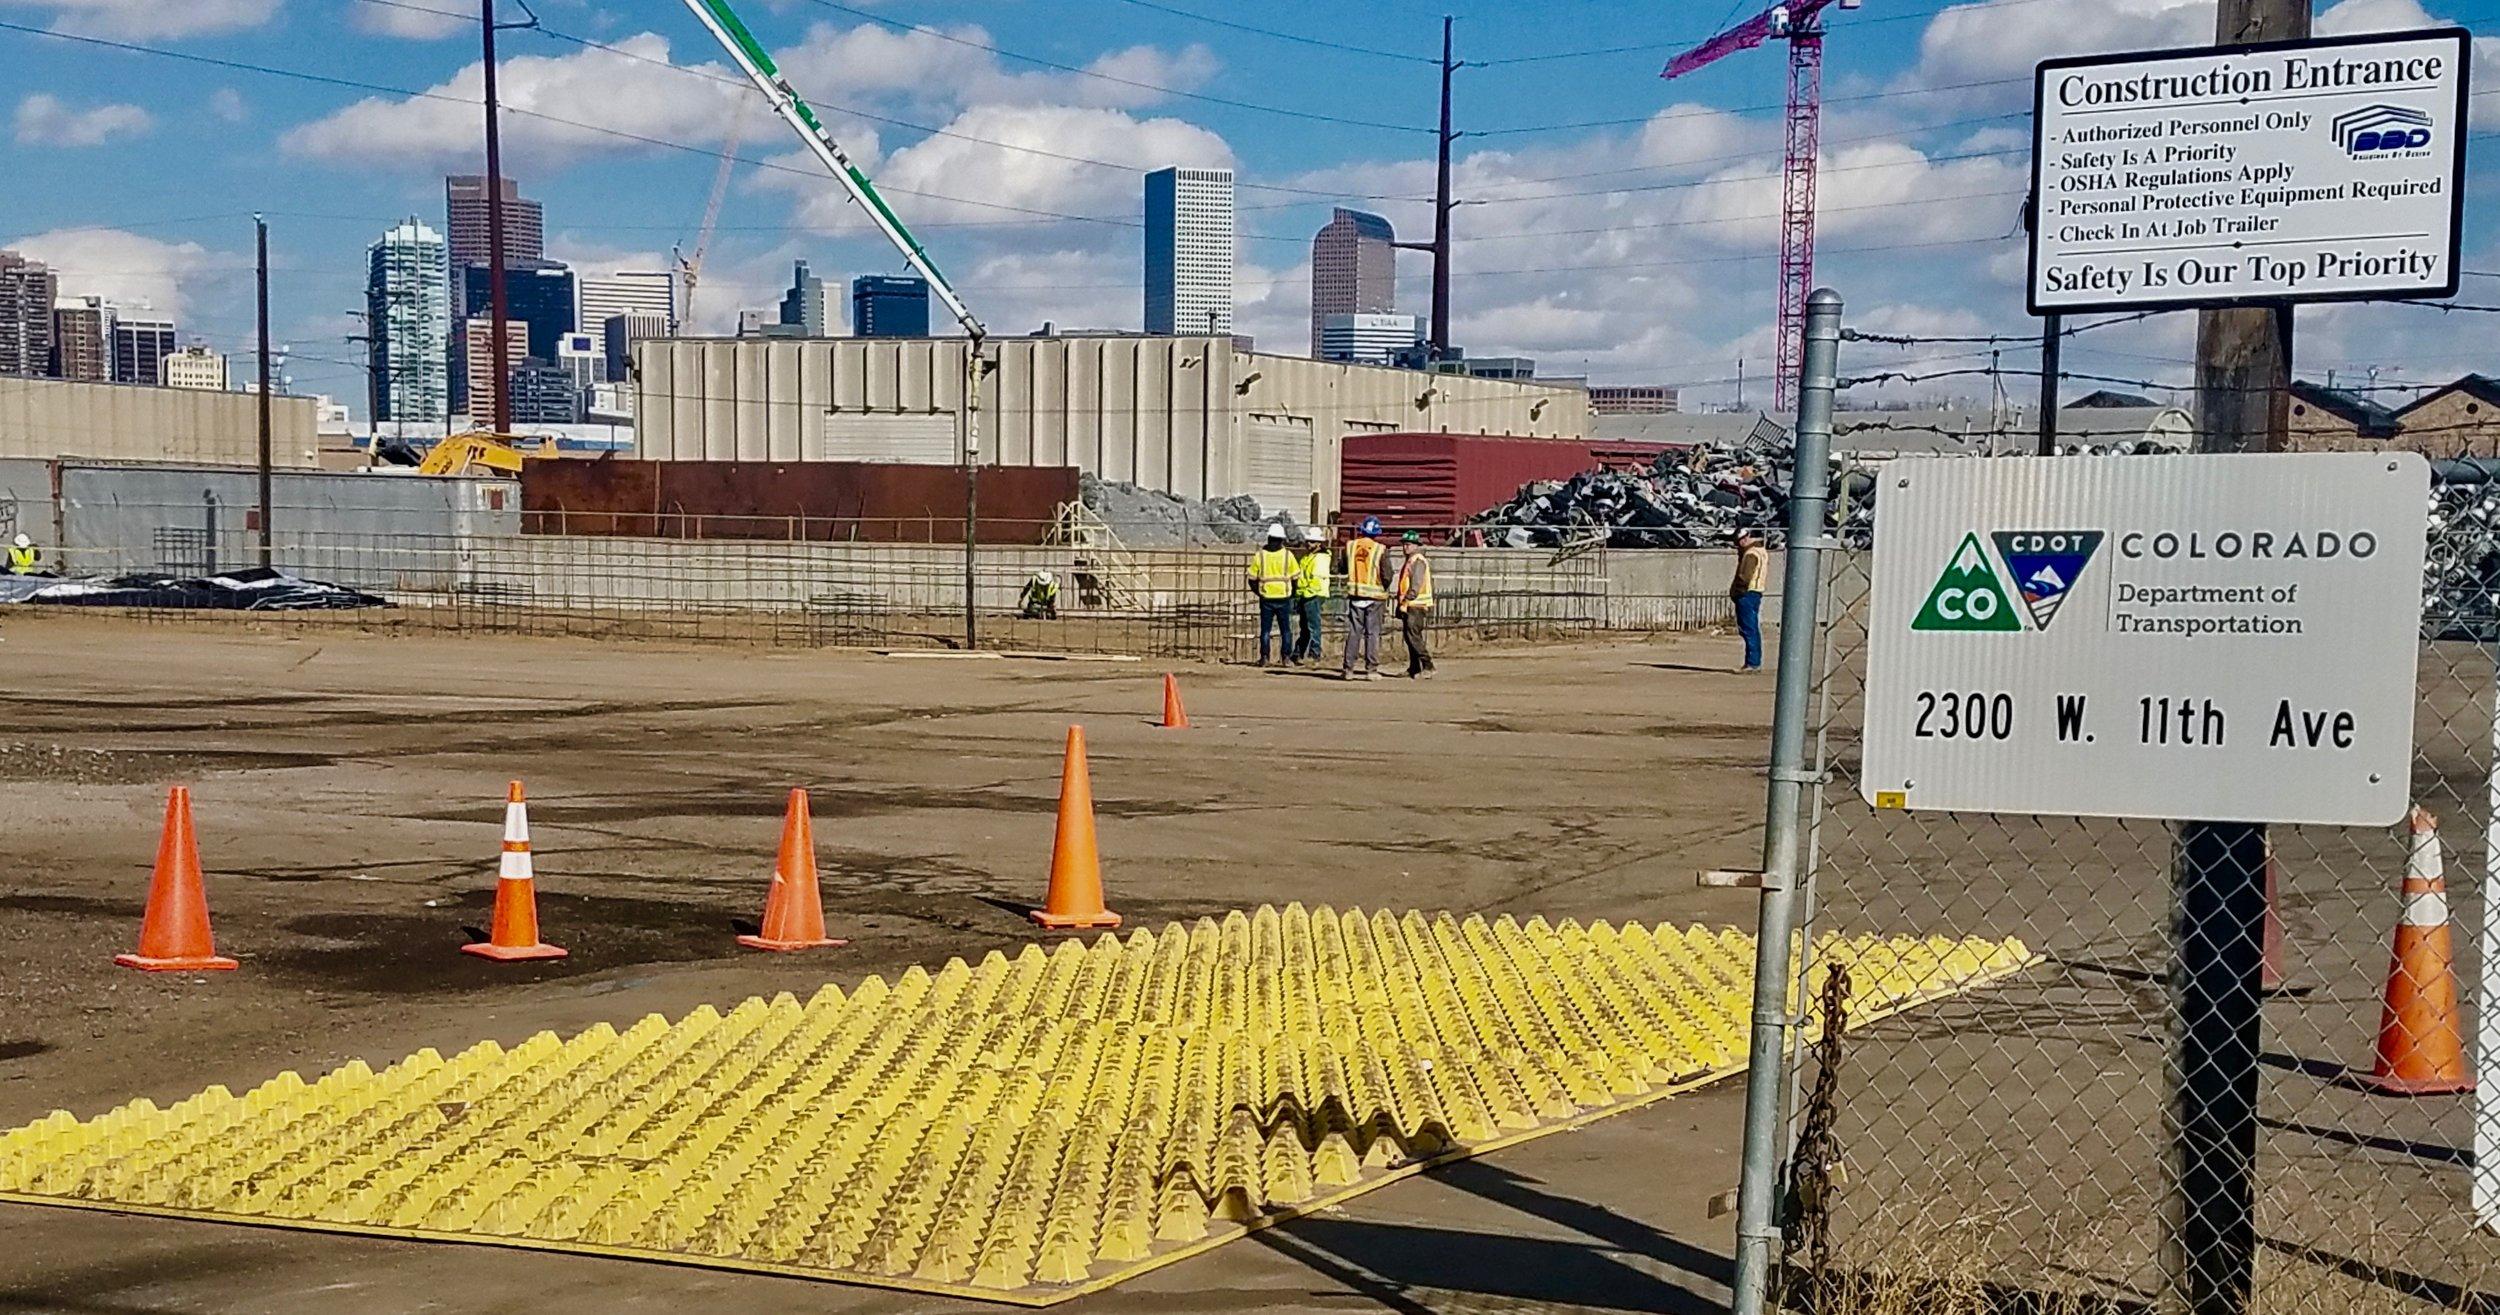 FODS_STABILIZED_CONSTRUCTION_ENTRANCE_rock-less_construction_entrance_track_out_control_Vehicle_Trackout_Control_Vehicle_Track-out_Control_VTC_rip-rap_CDOT_construction_entrance_Colorado_Construction_entrance_asphalt_2.jpg